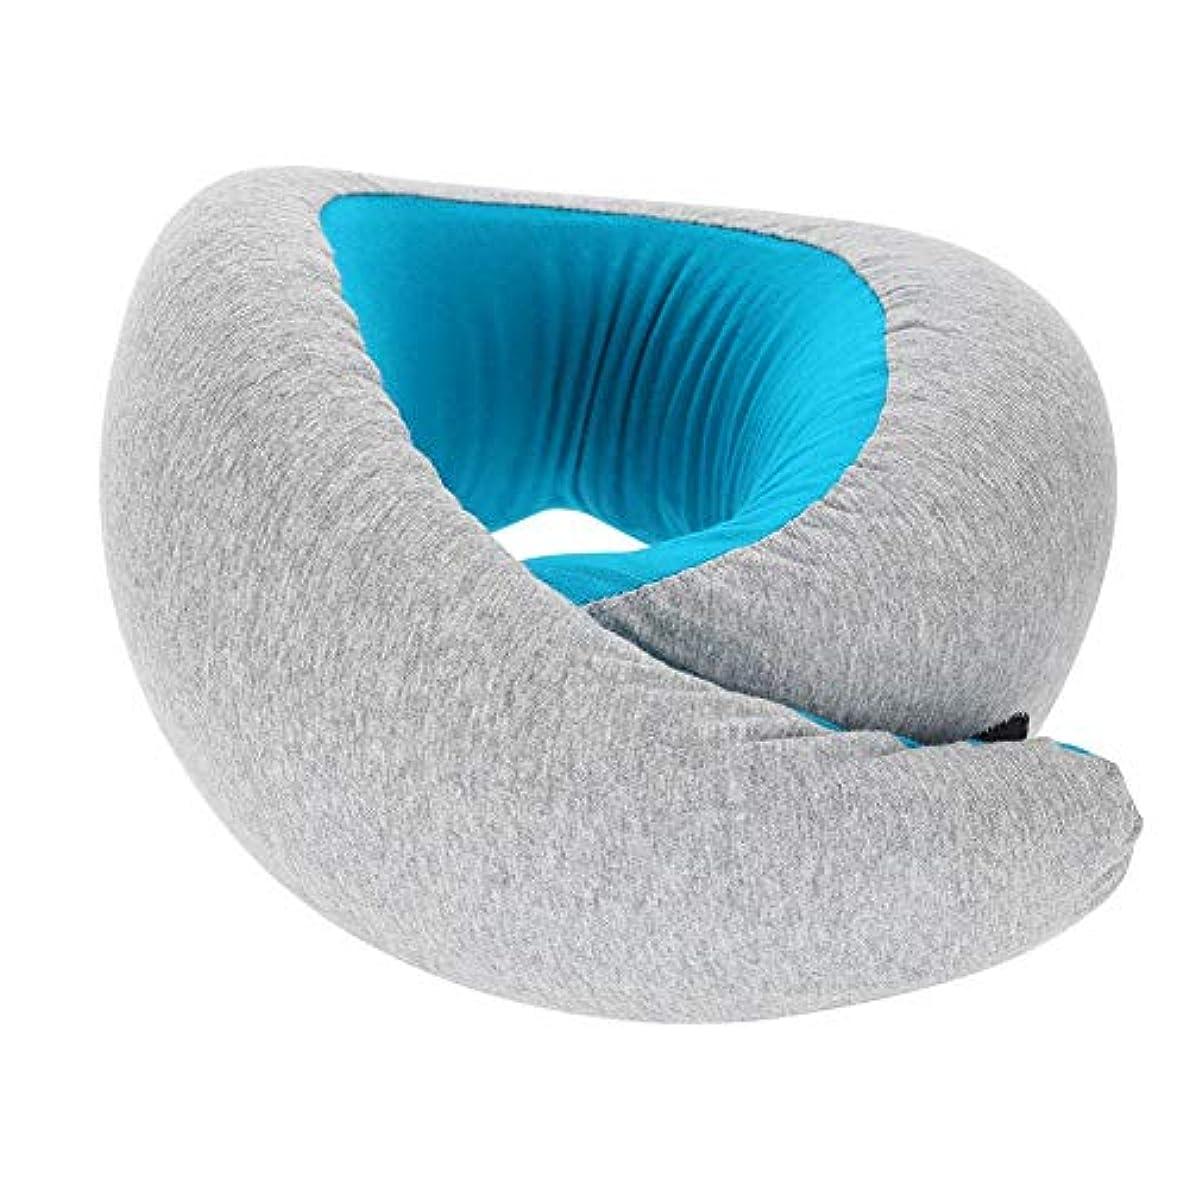 餌代わりの事務所旅行ネックピロー、スーパーソフトメモリフォーム U字型ネックピロー 快適な伸縮性 ファブリックカバー付き 旅行枕 ネックサポート